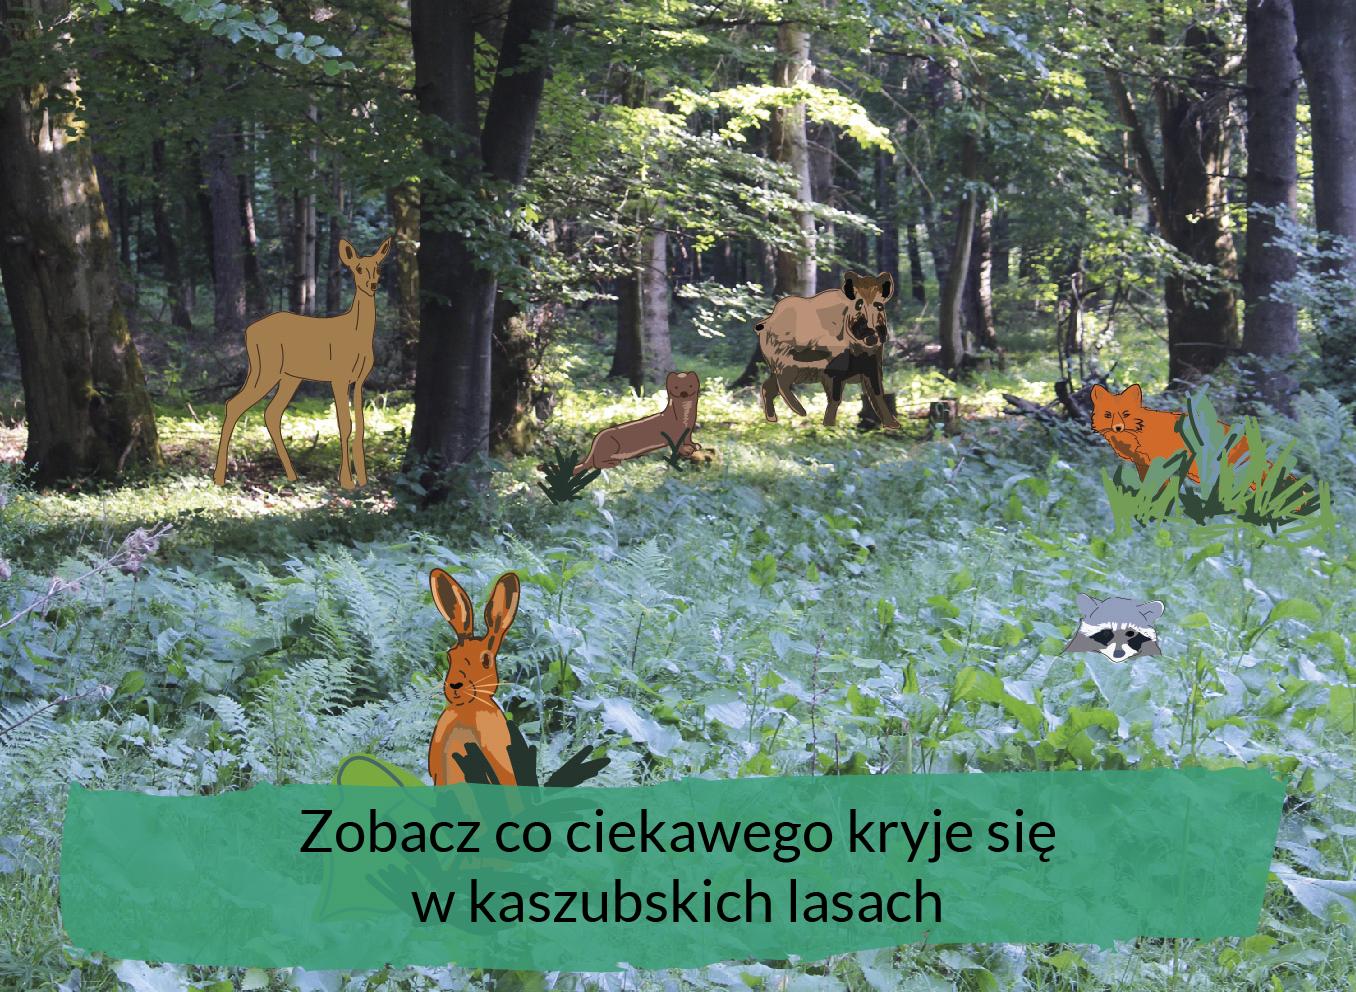 last, zwierzęta i tekst zobacz co ciekawego kryje się w kaszubskich lasach